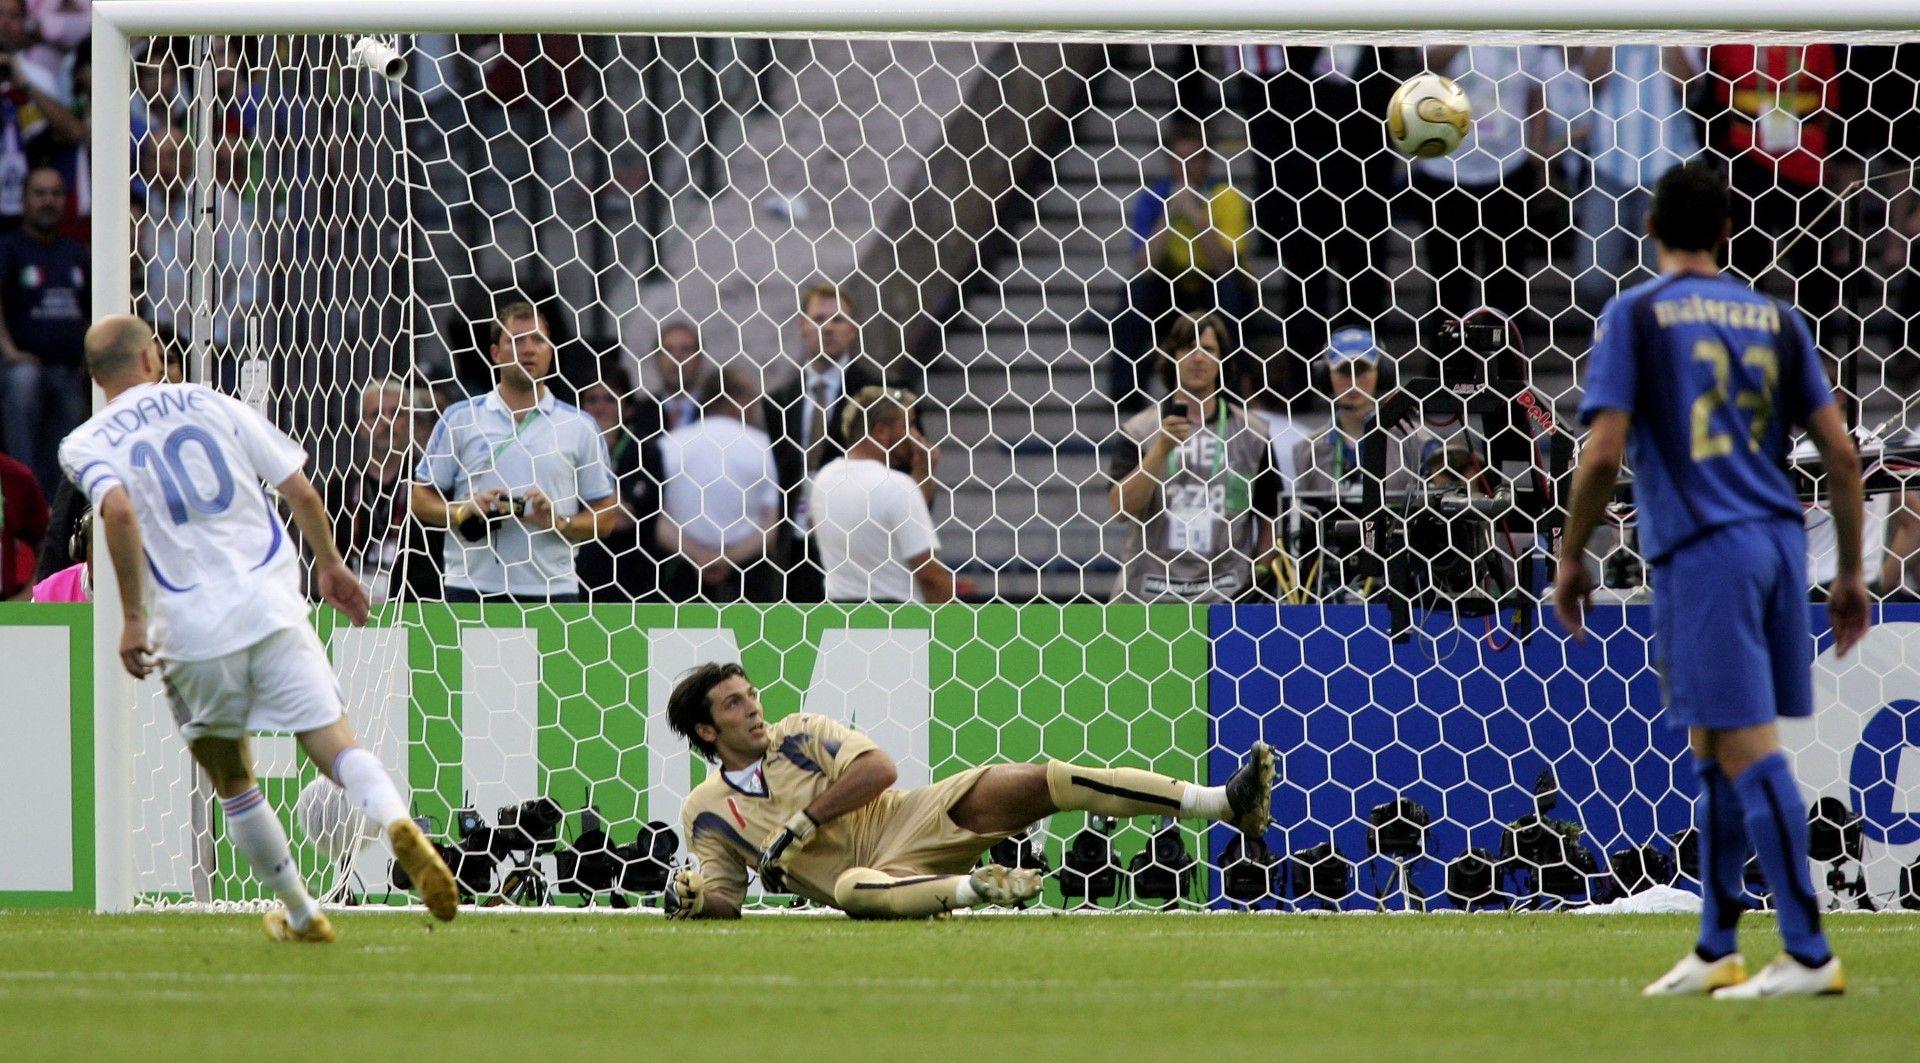 """2006 г., Берлин. Великият Зинедин Зидан има нерви да бие с """"Паненка"""" дузпа на финала на Световното първенство Франция - Италия. И вкара на Буфон!"""